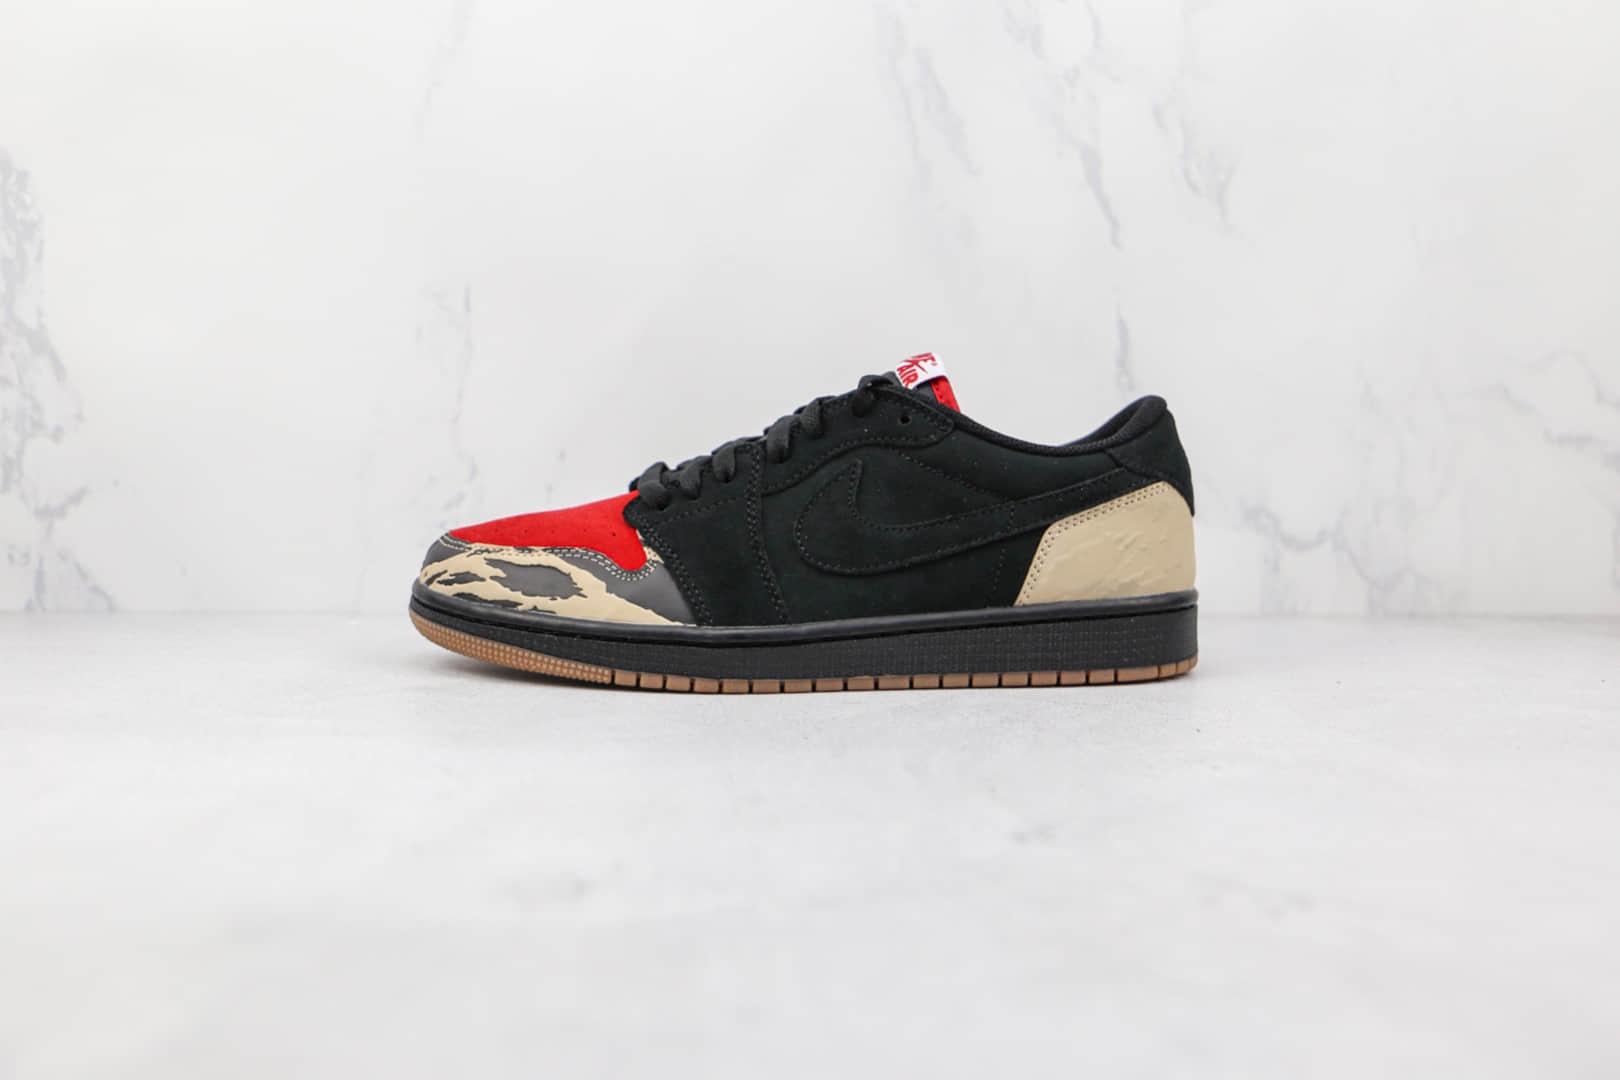 纯原版本乔丹低帮AJ1黑红主题食肉动物板鞋出货